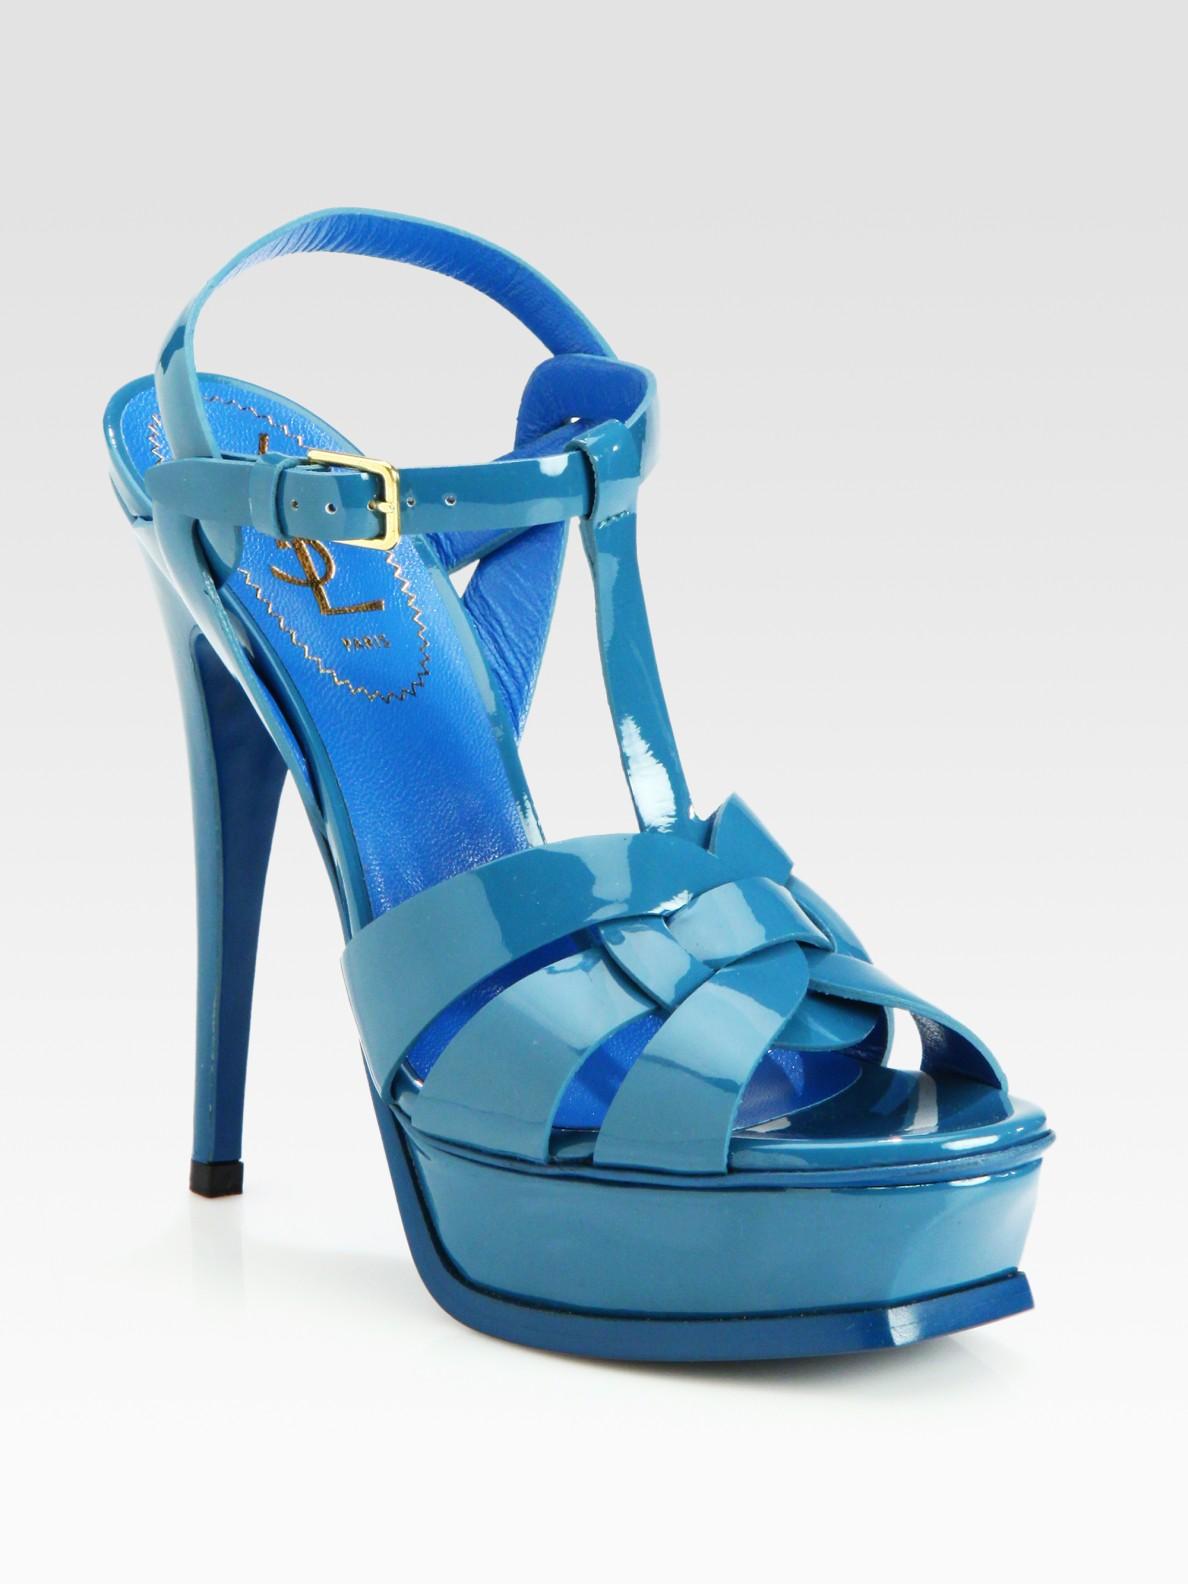 d23531ffc2f Saint Laurent Patent Leather Platform Sandals in Blue - Lyst